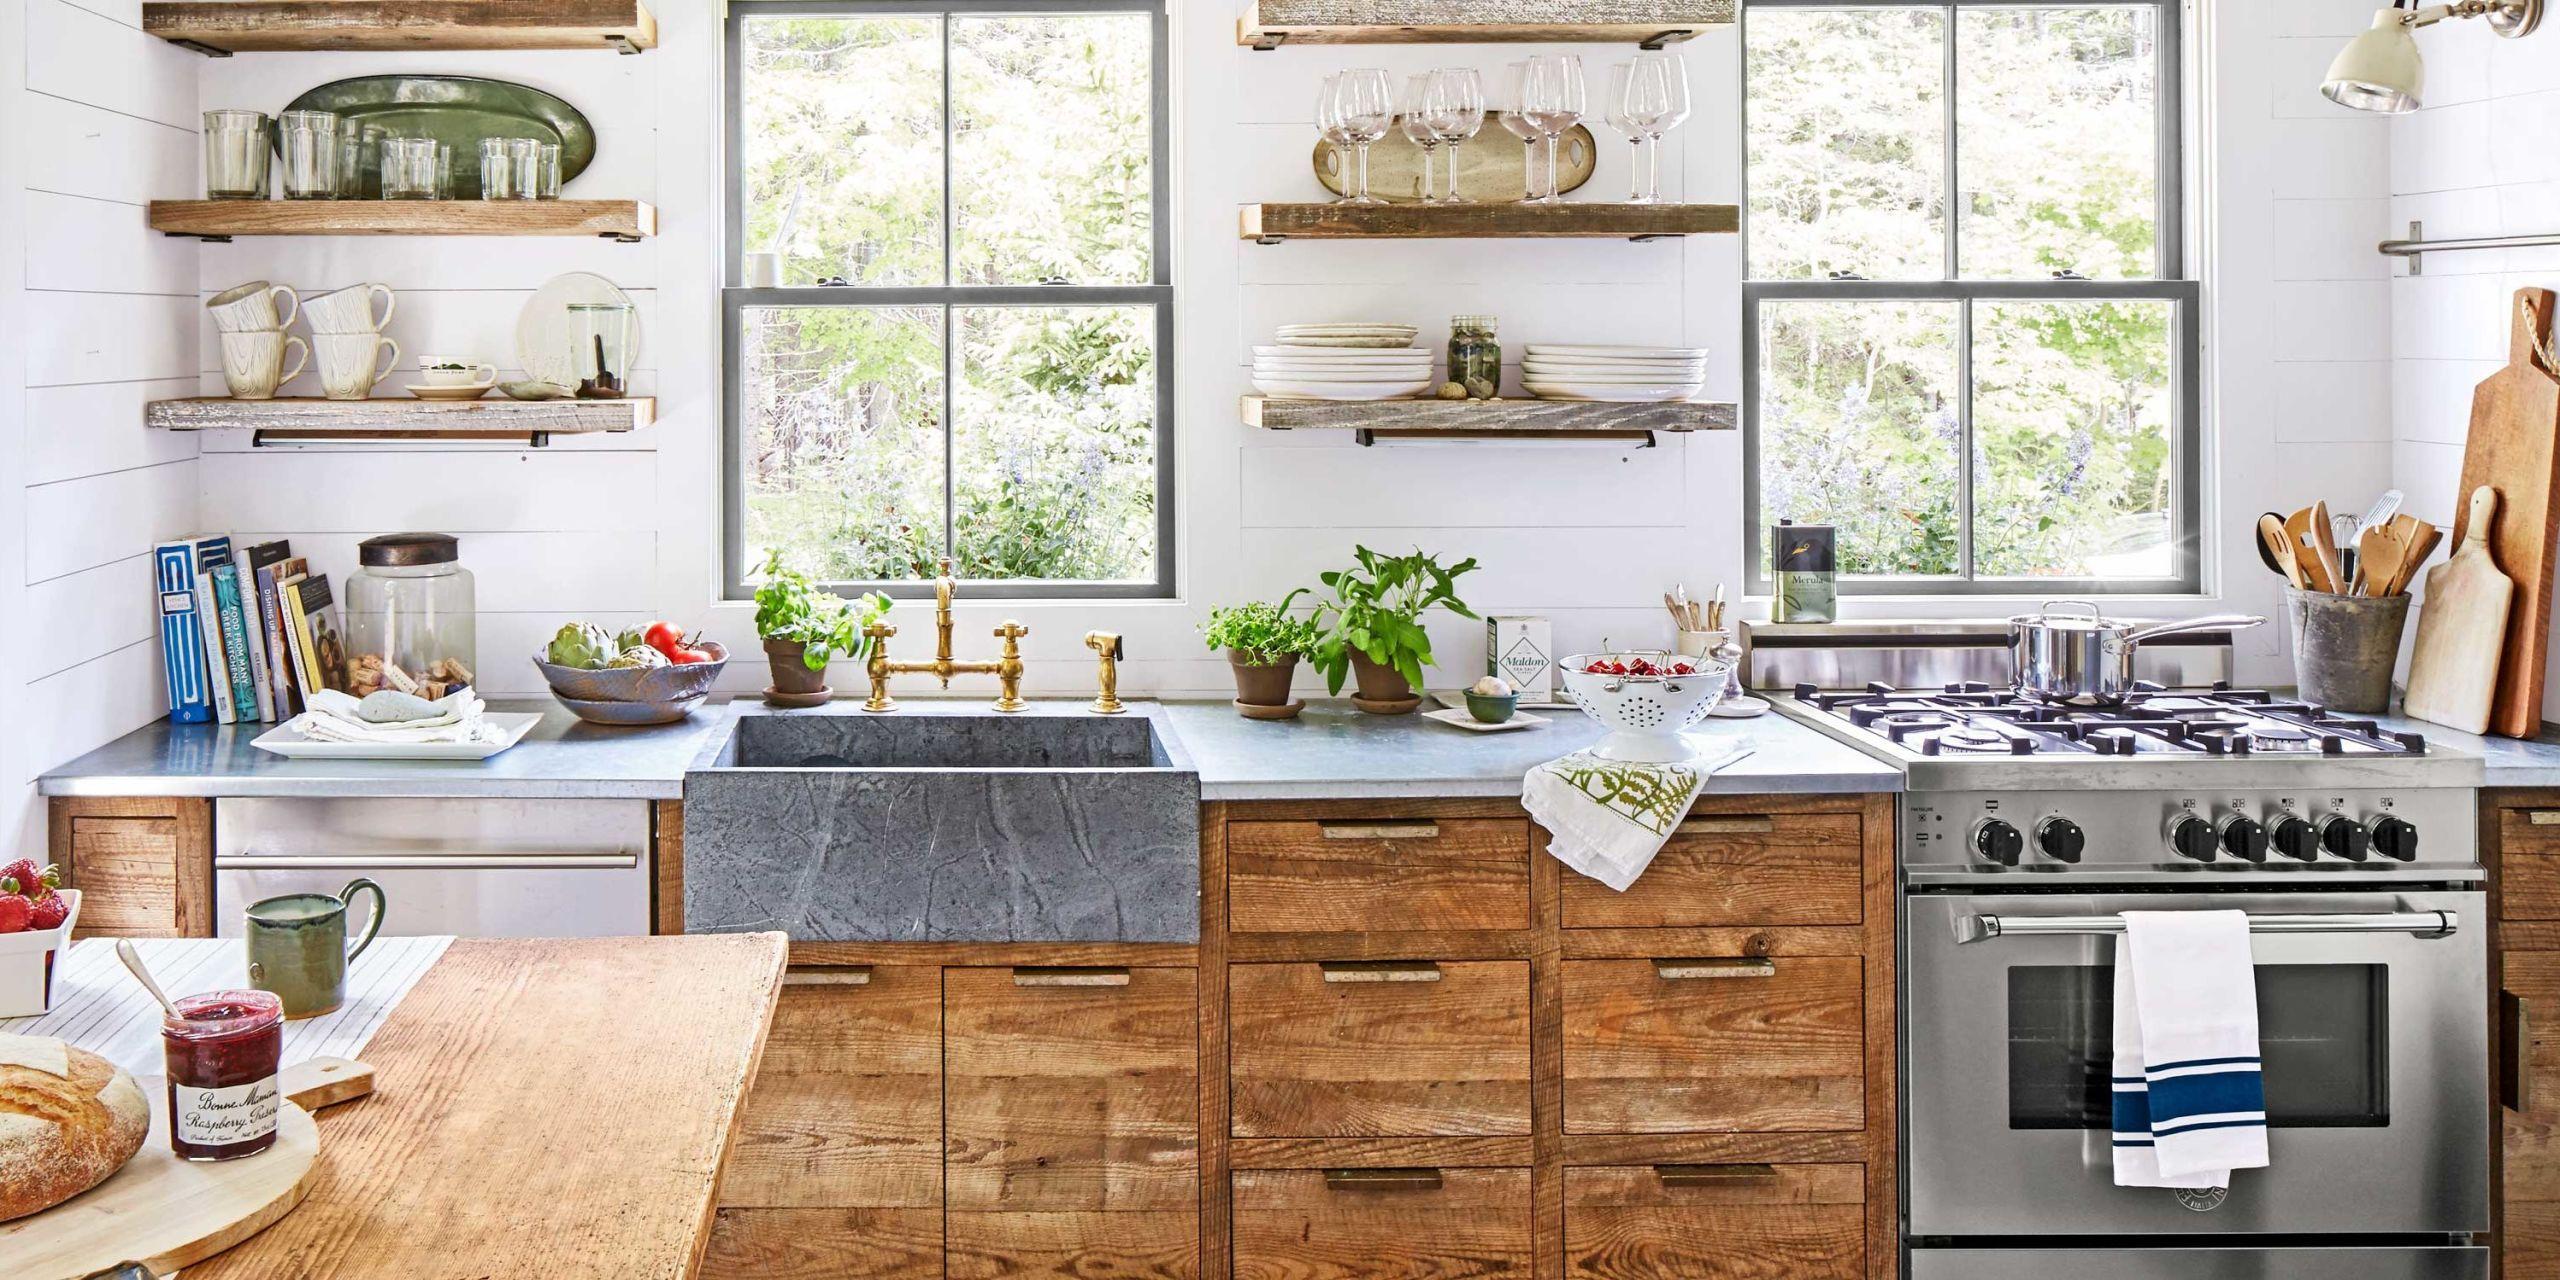 affordable kitchen designs - stunning interior design •